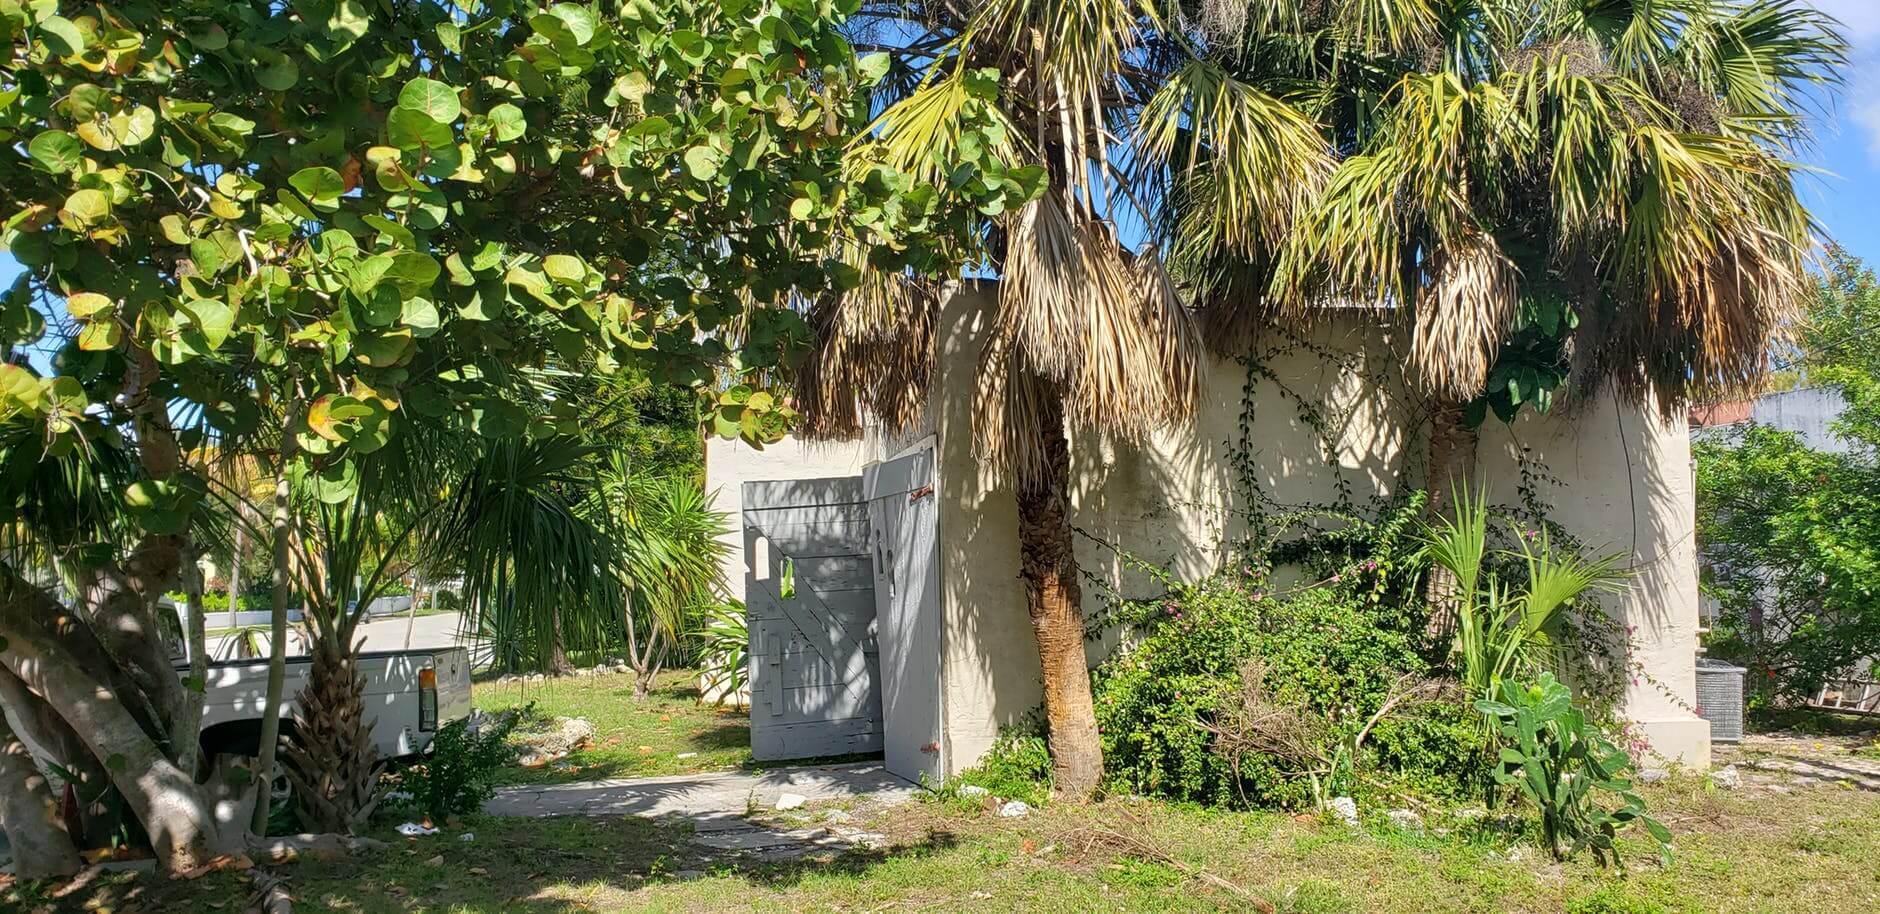 Flamingo Parks, West Palm Beach